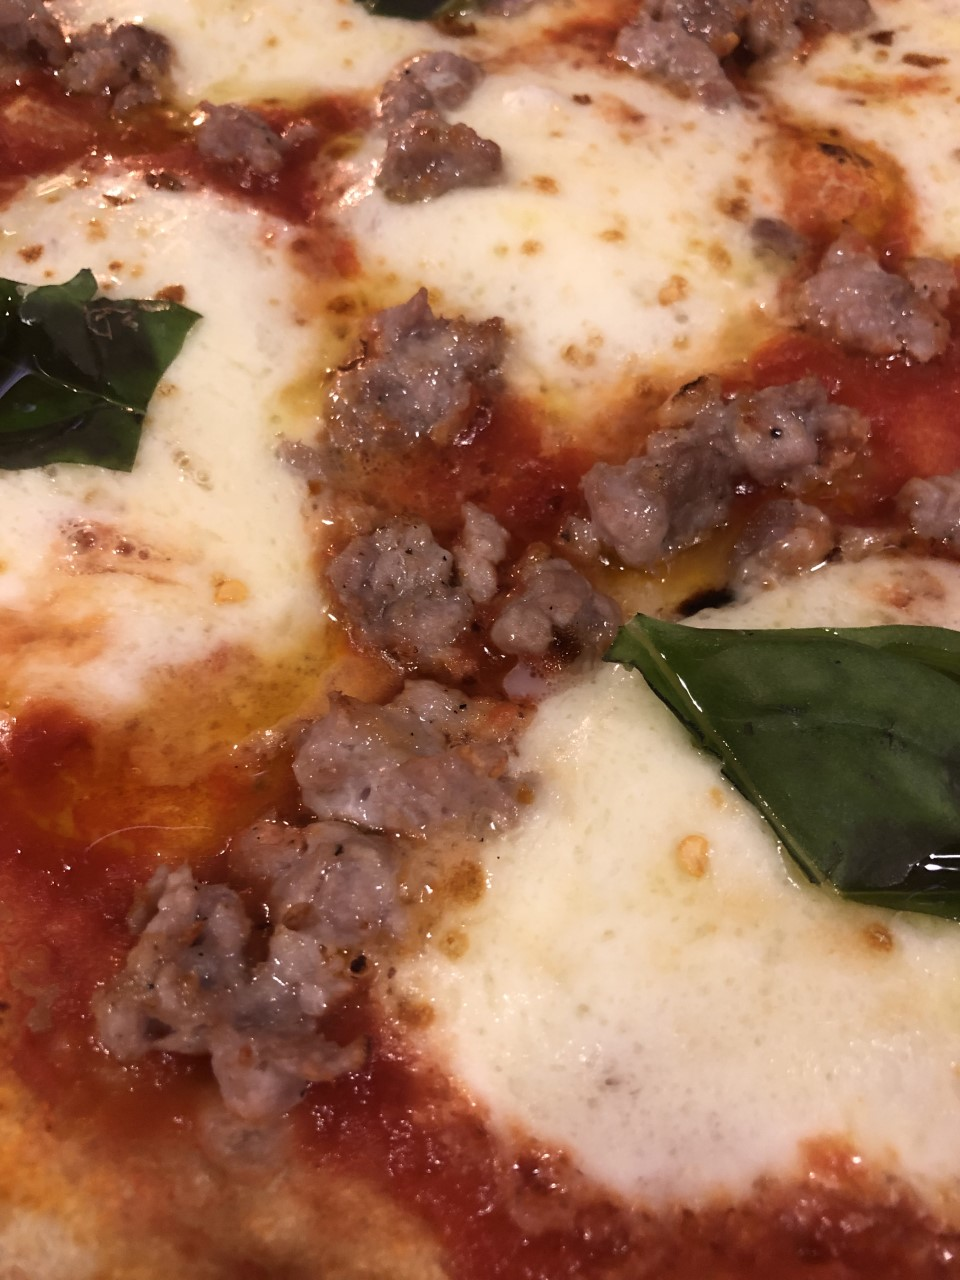 Cucina Della Mamma Nocera Inferiore sine cera taberna a nocera inferiore - luciano pignataro